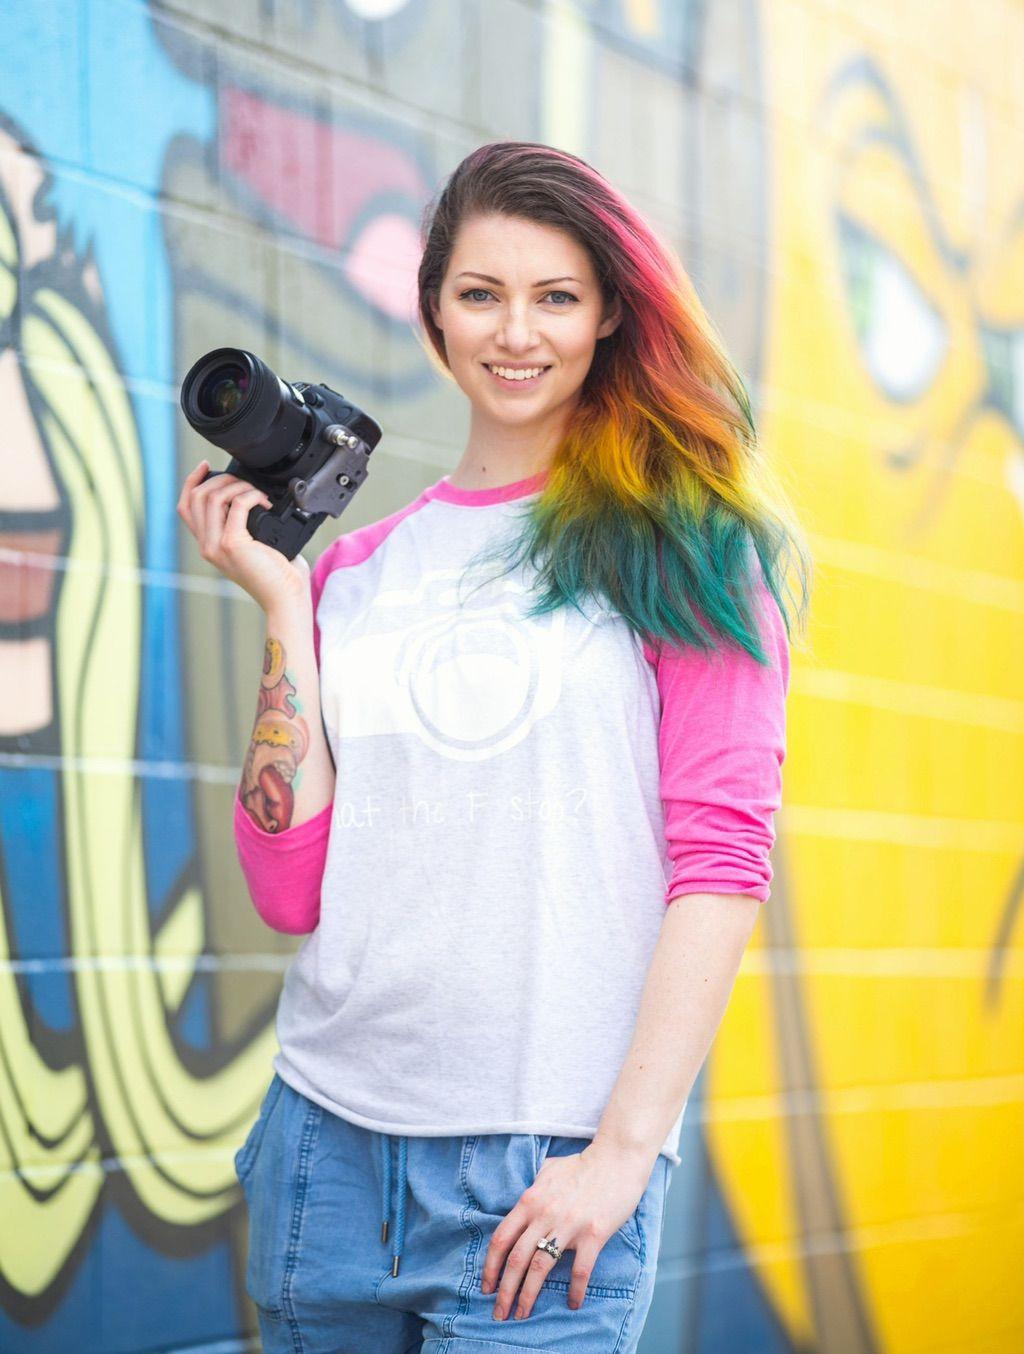 Ariel Baldwin Photography